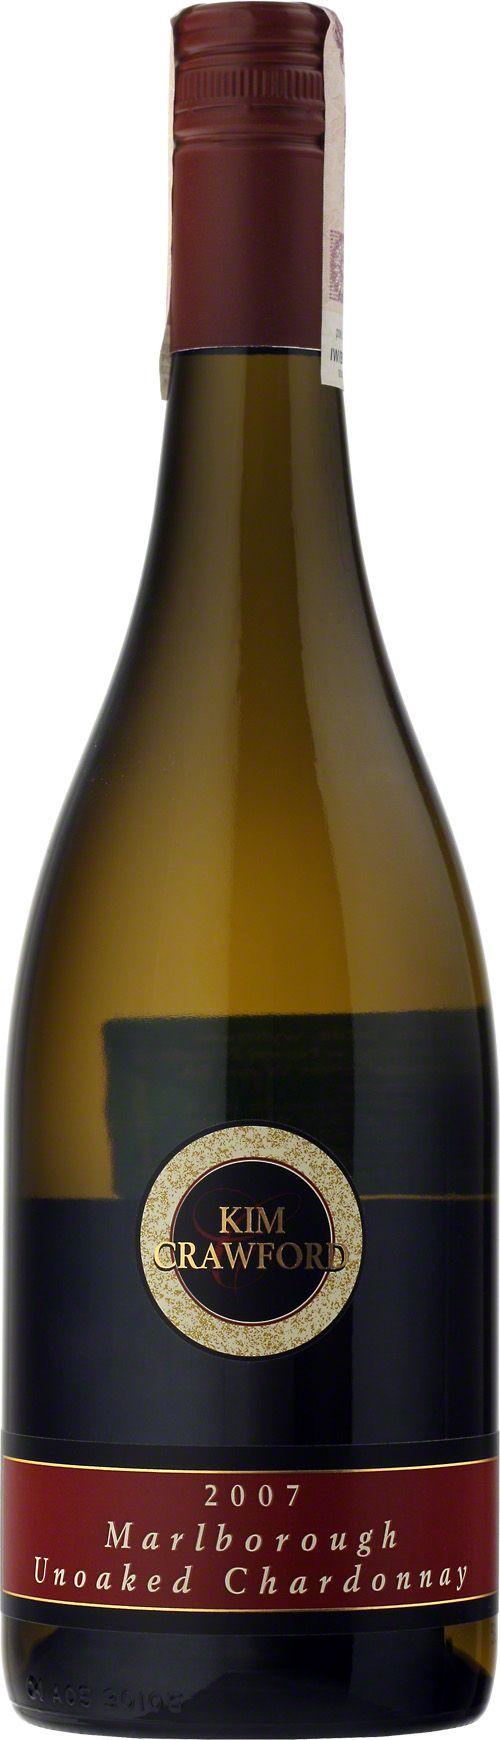 Kim Crawford Chardonnay Marlborough Czysto słomkowy kolor z refleksami złota i zieleni. Dominują aromaty melona i miodu oraz owoców tropikalnych. Idealna ciężkość wina zbilansowana kwasowością. #KimCrawford #Chardonnay #Marlborough #Wino #NowaZelandia #Winezja